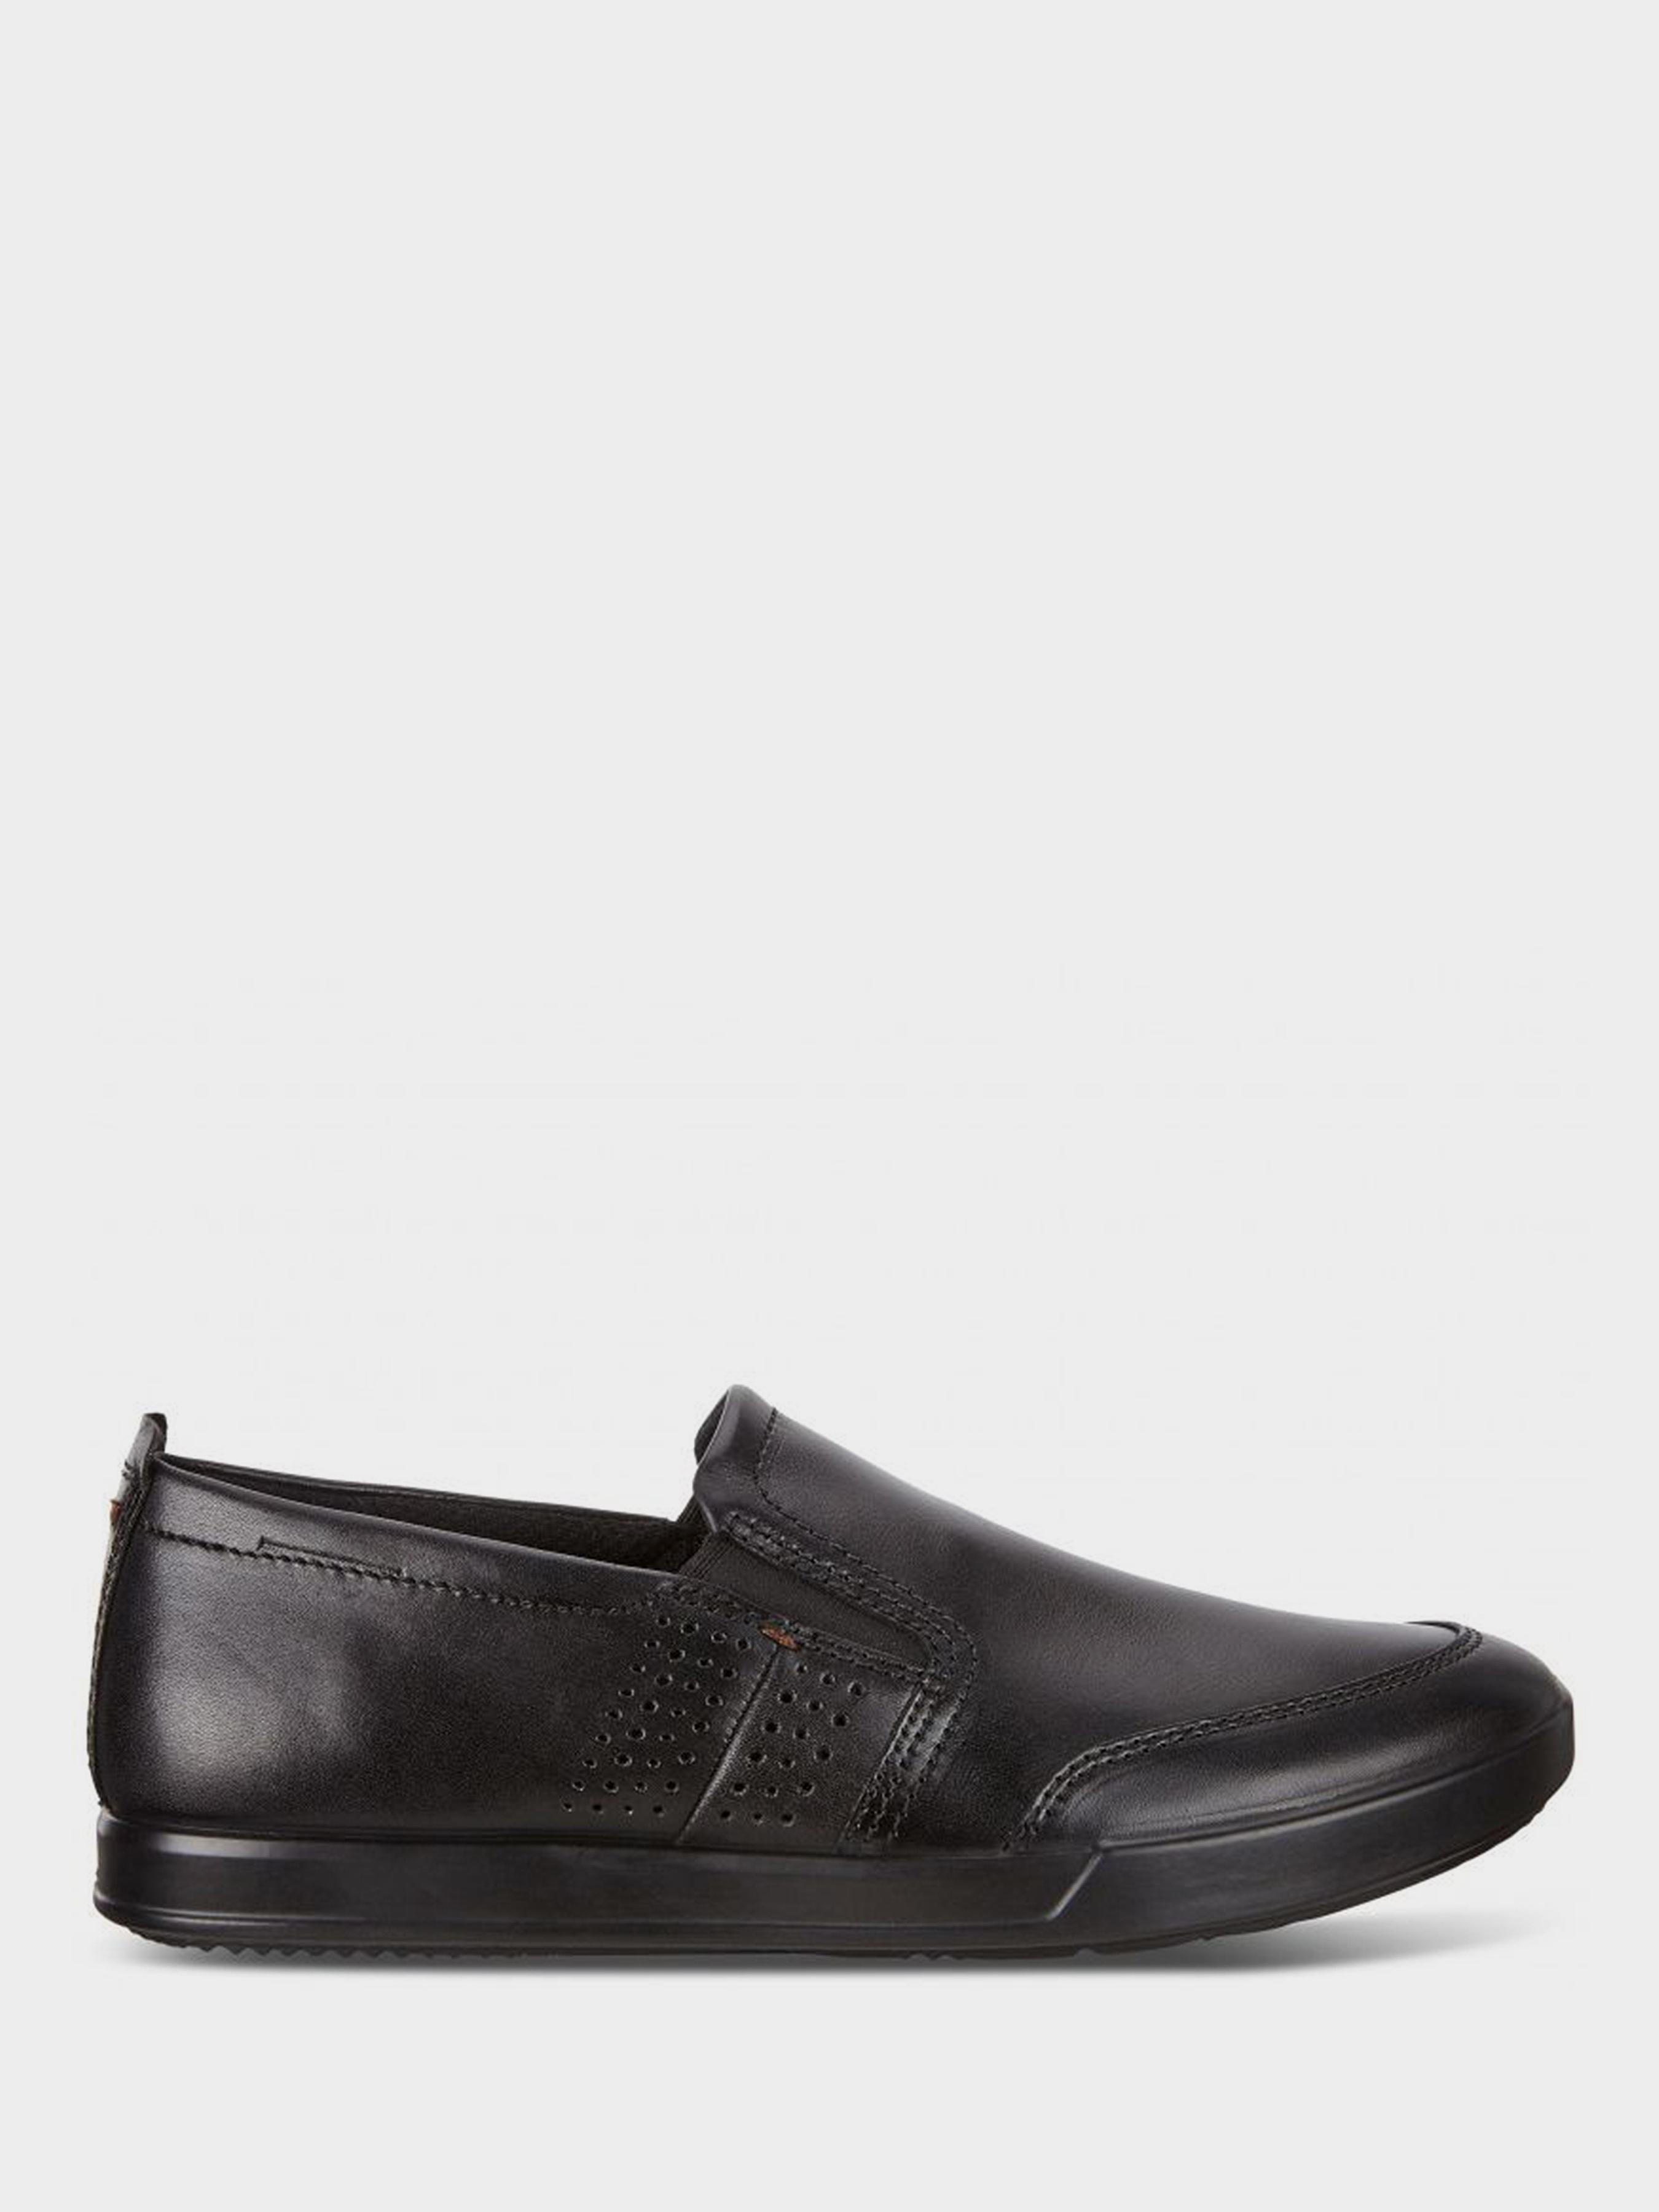 Слипоны мужские ECCO COLLIN 2.0 ZM4096 модная обувь, 2017